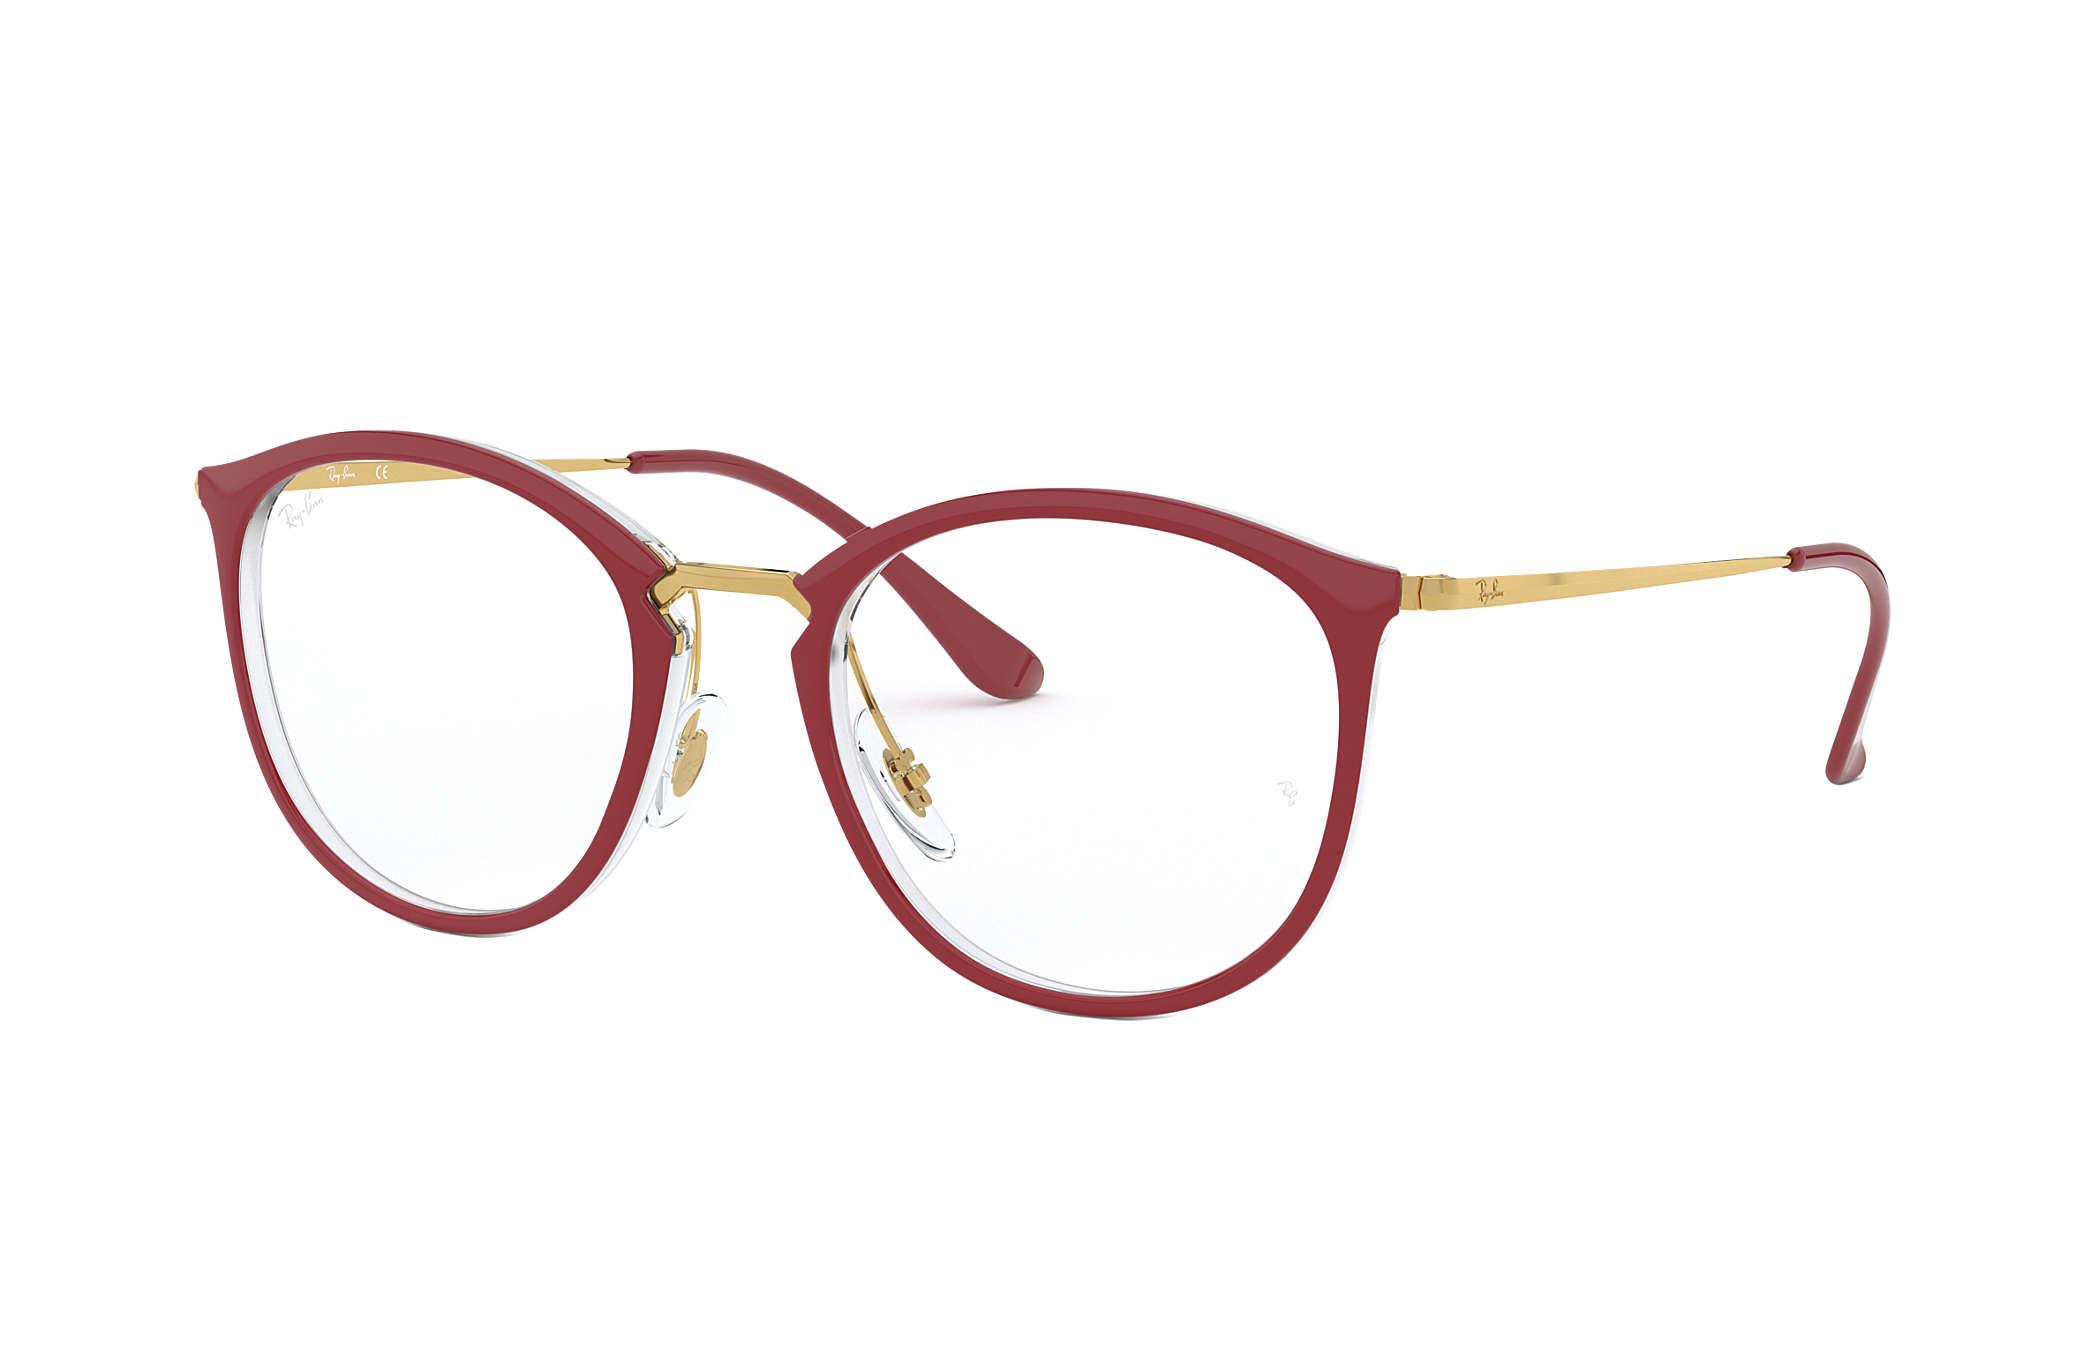 0edec4dfe6 Ray-Ban eyeglasses RB7140 Bordeaux - Injected - 0RX7140585451